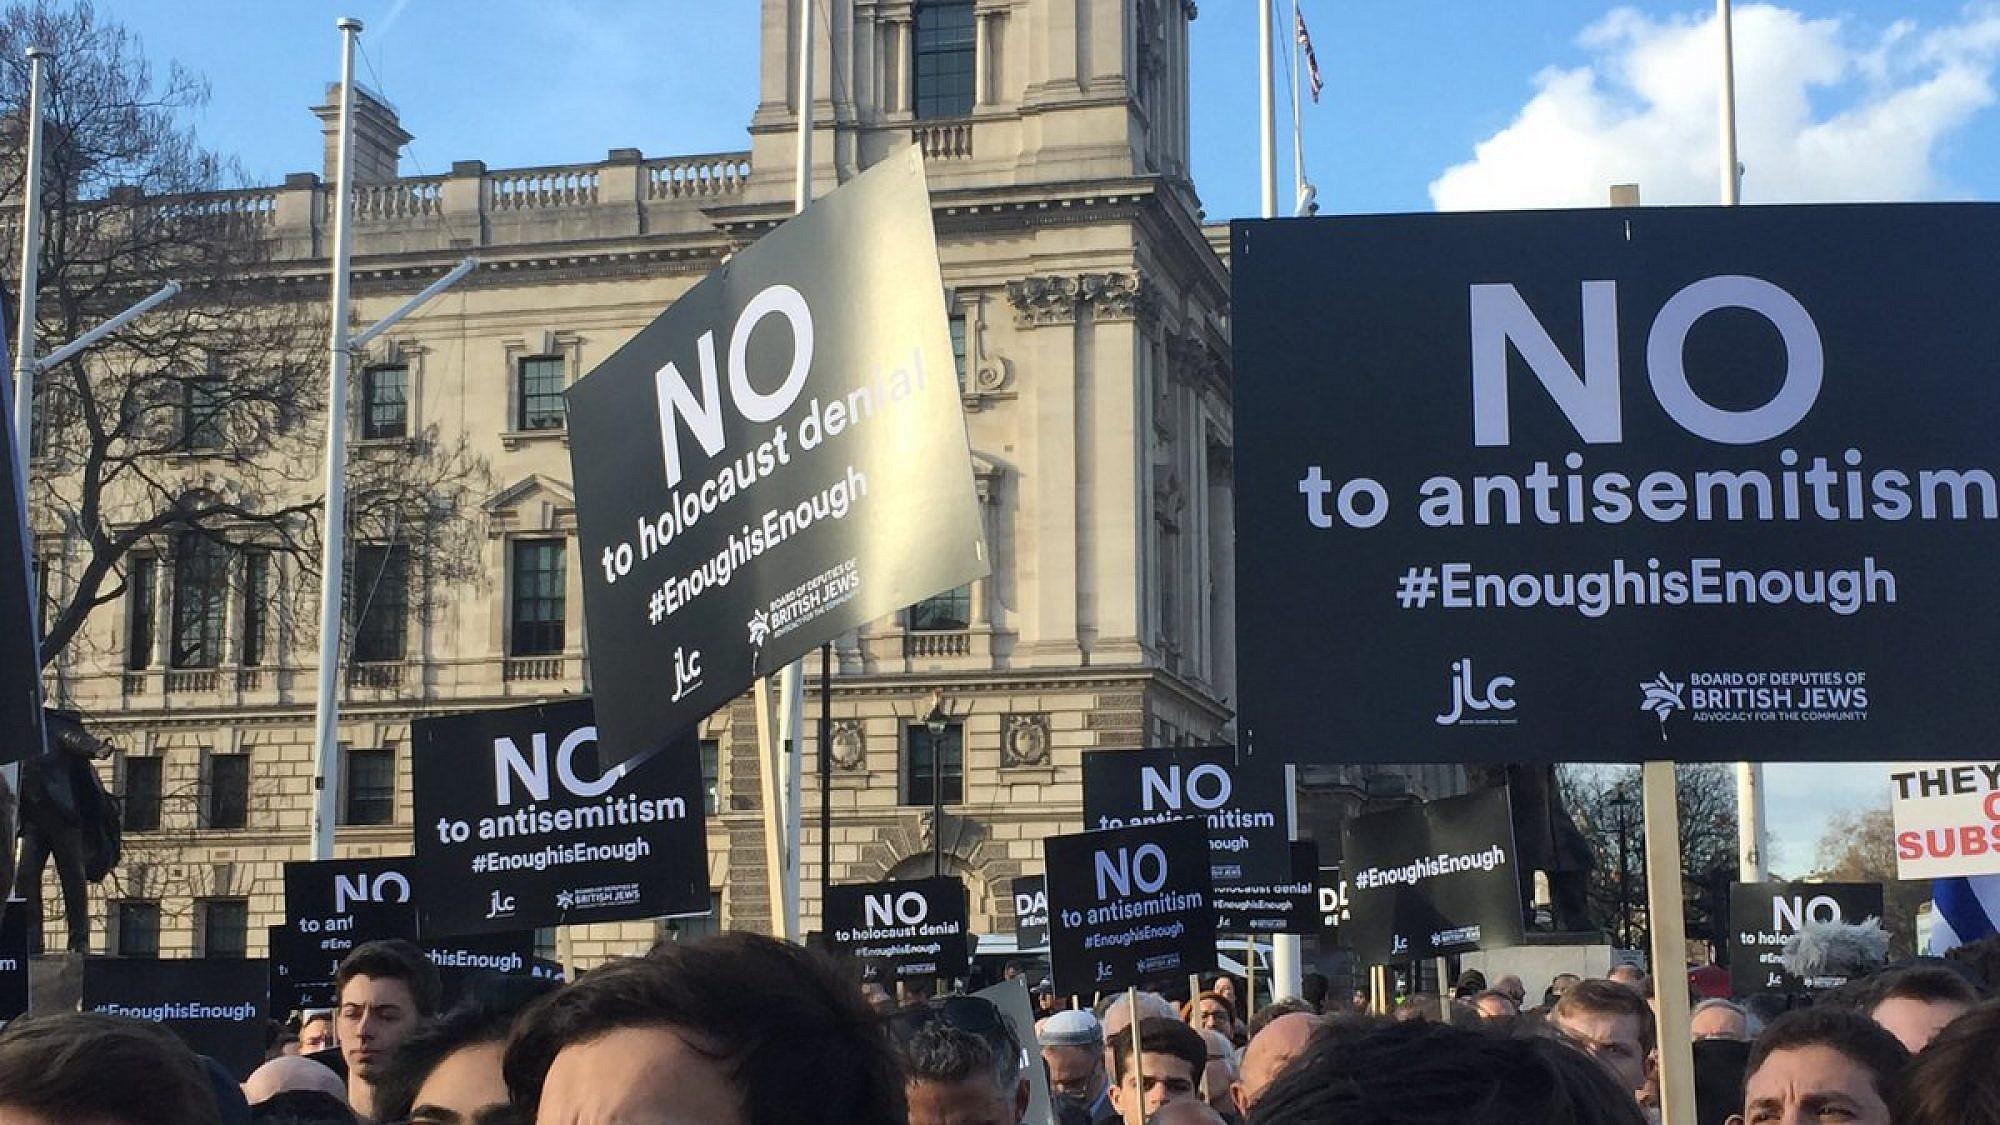 Forse stijging antisemitische incidenten in Verenigd Koninkrijk